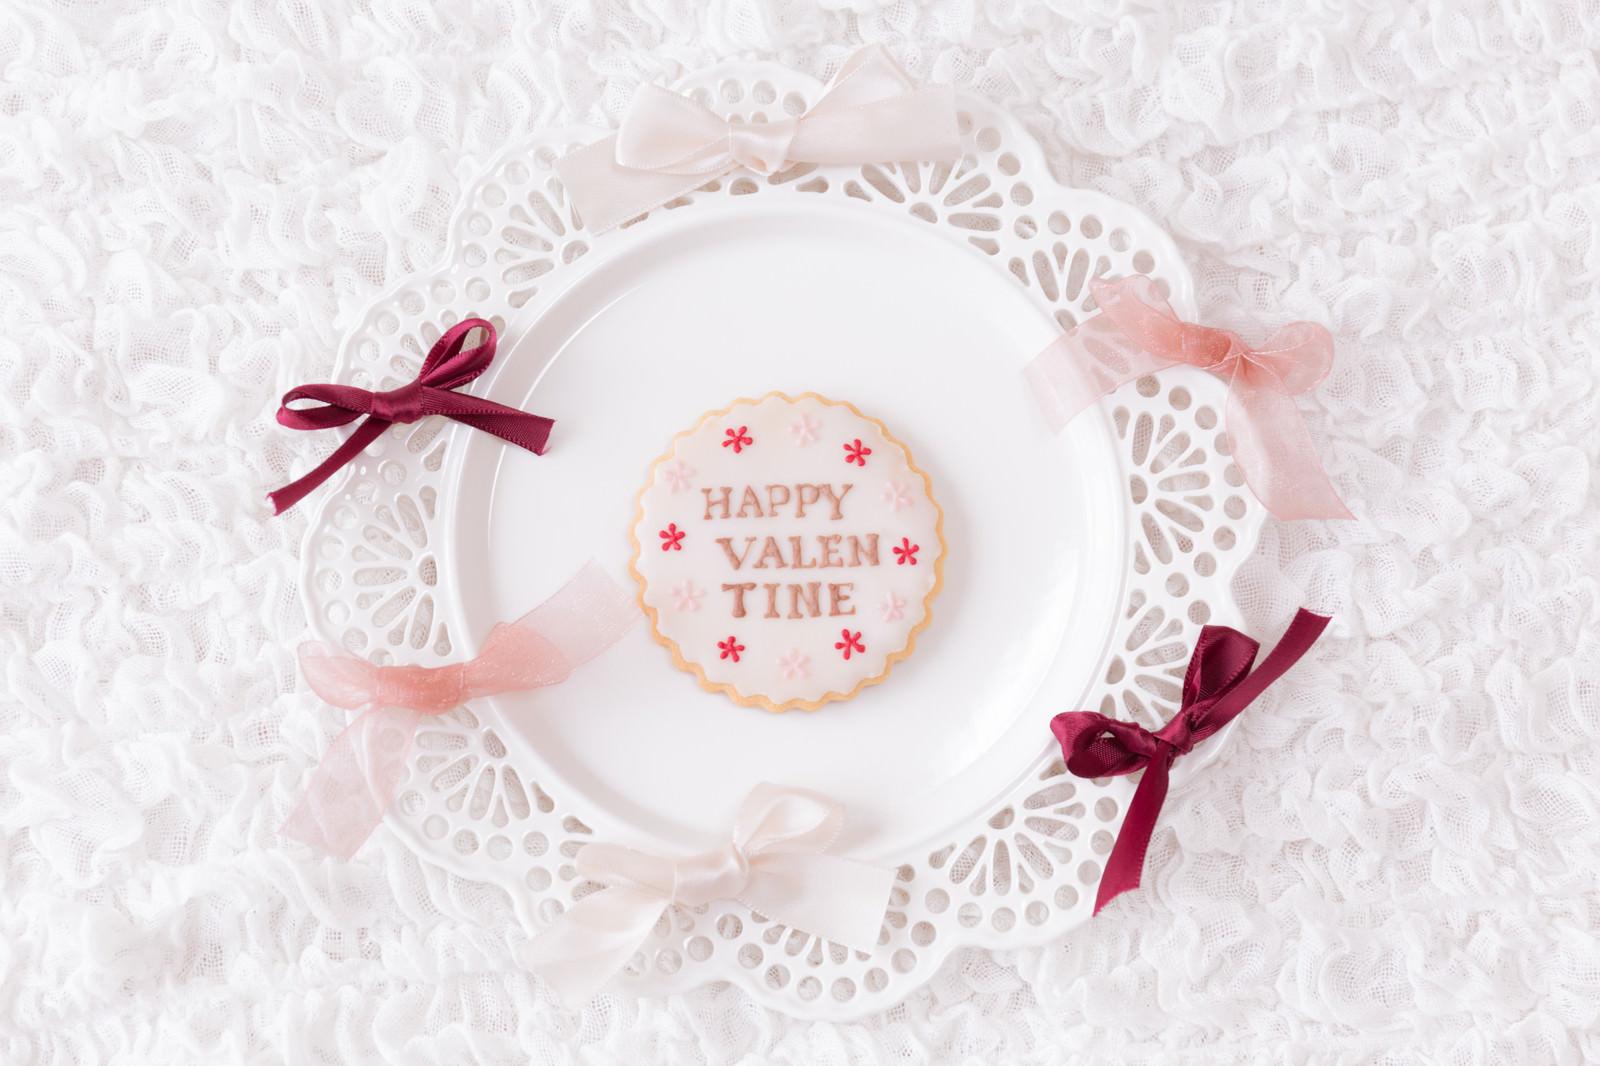 「HAPPY VALEN TINE のクッキー」の写真